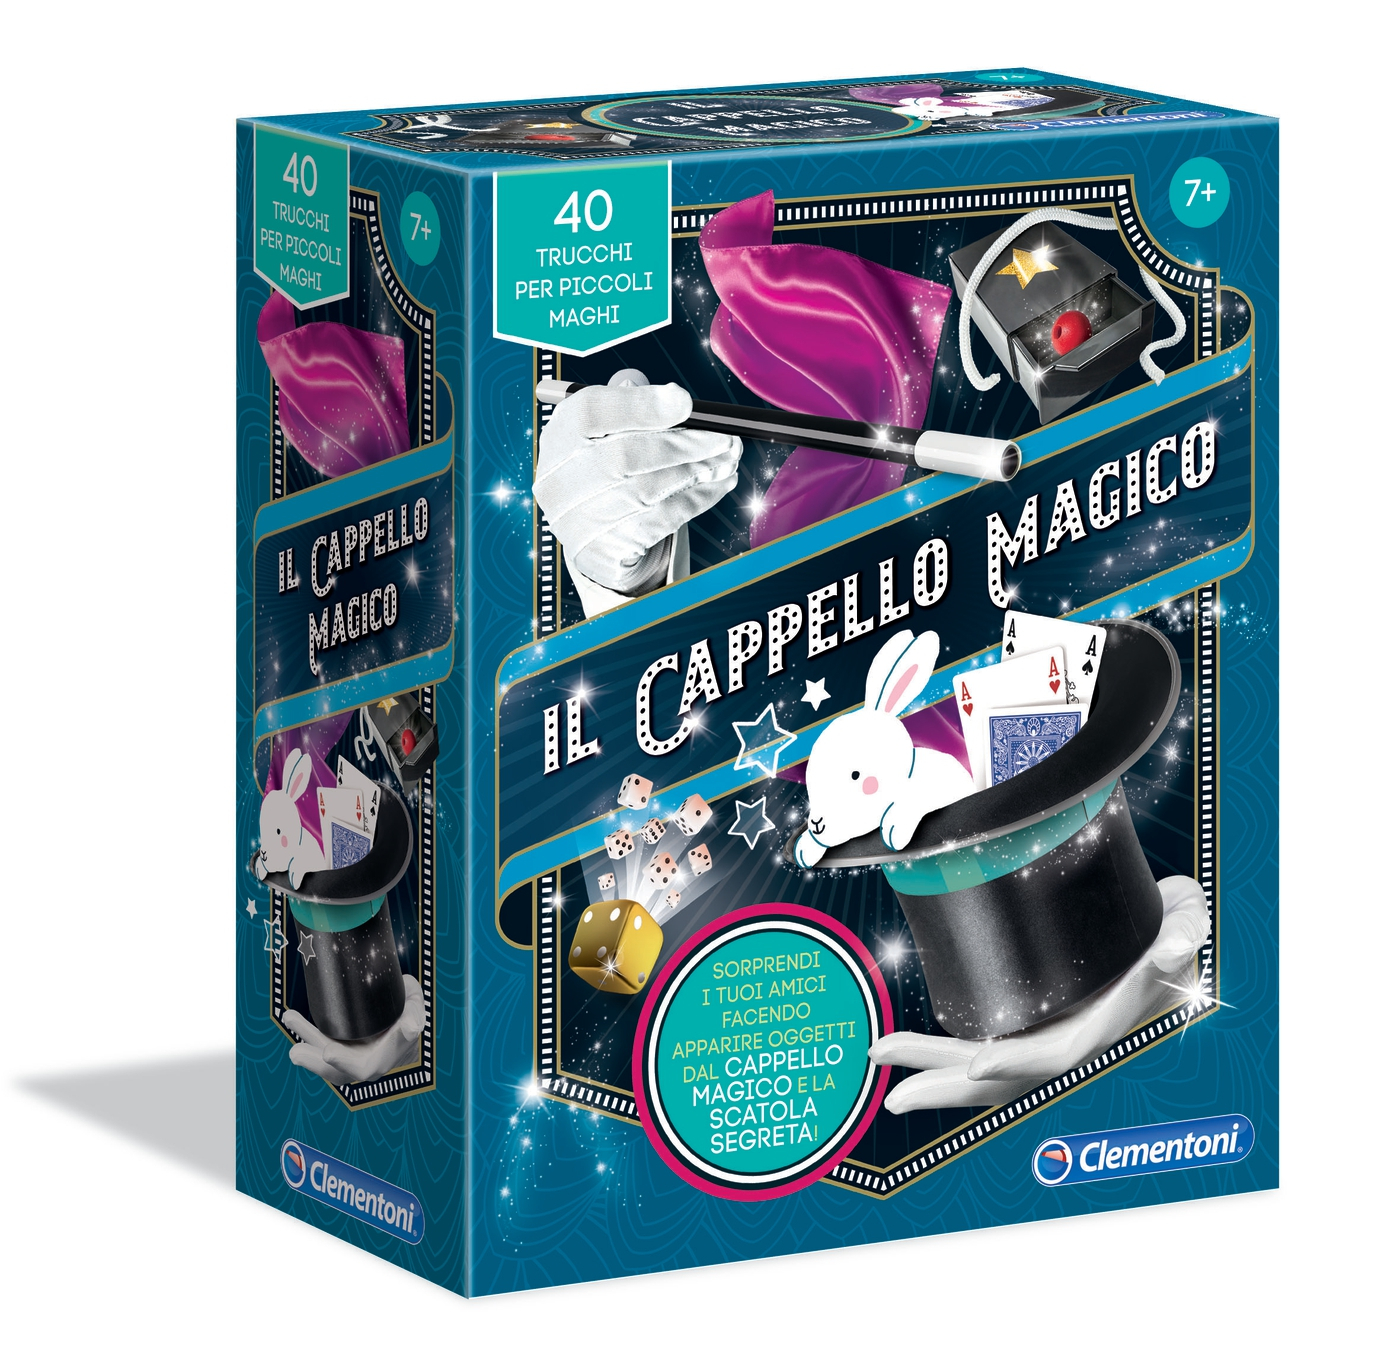 IL CAPPELLO MAGICO 16184 CLEMENTONI